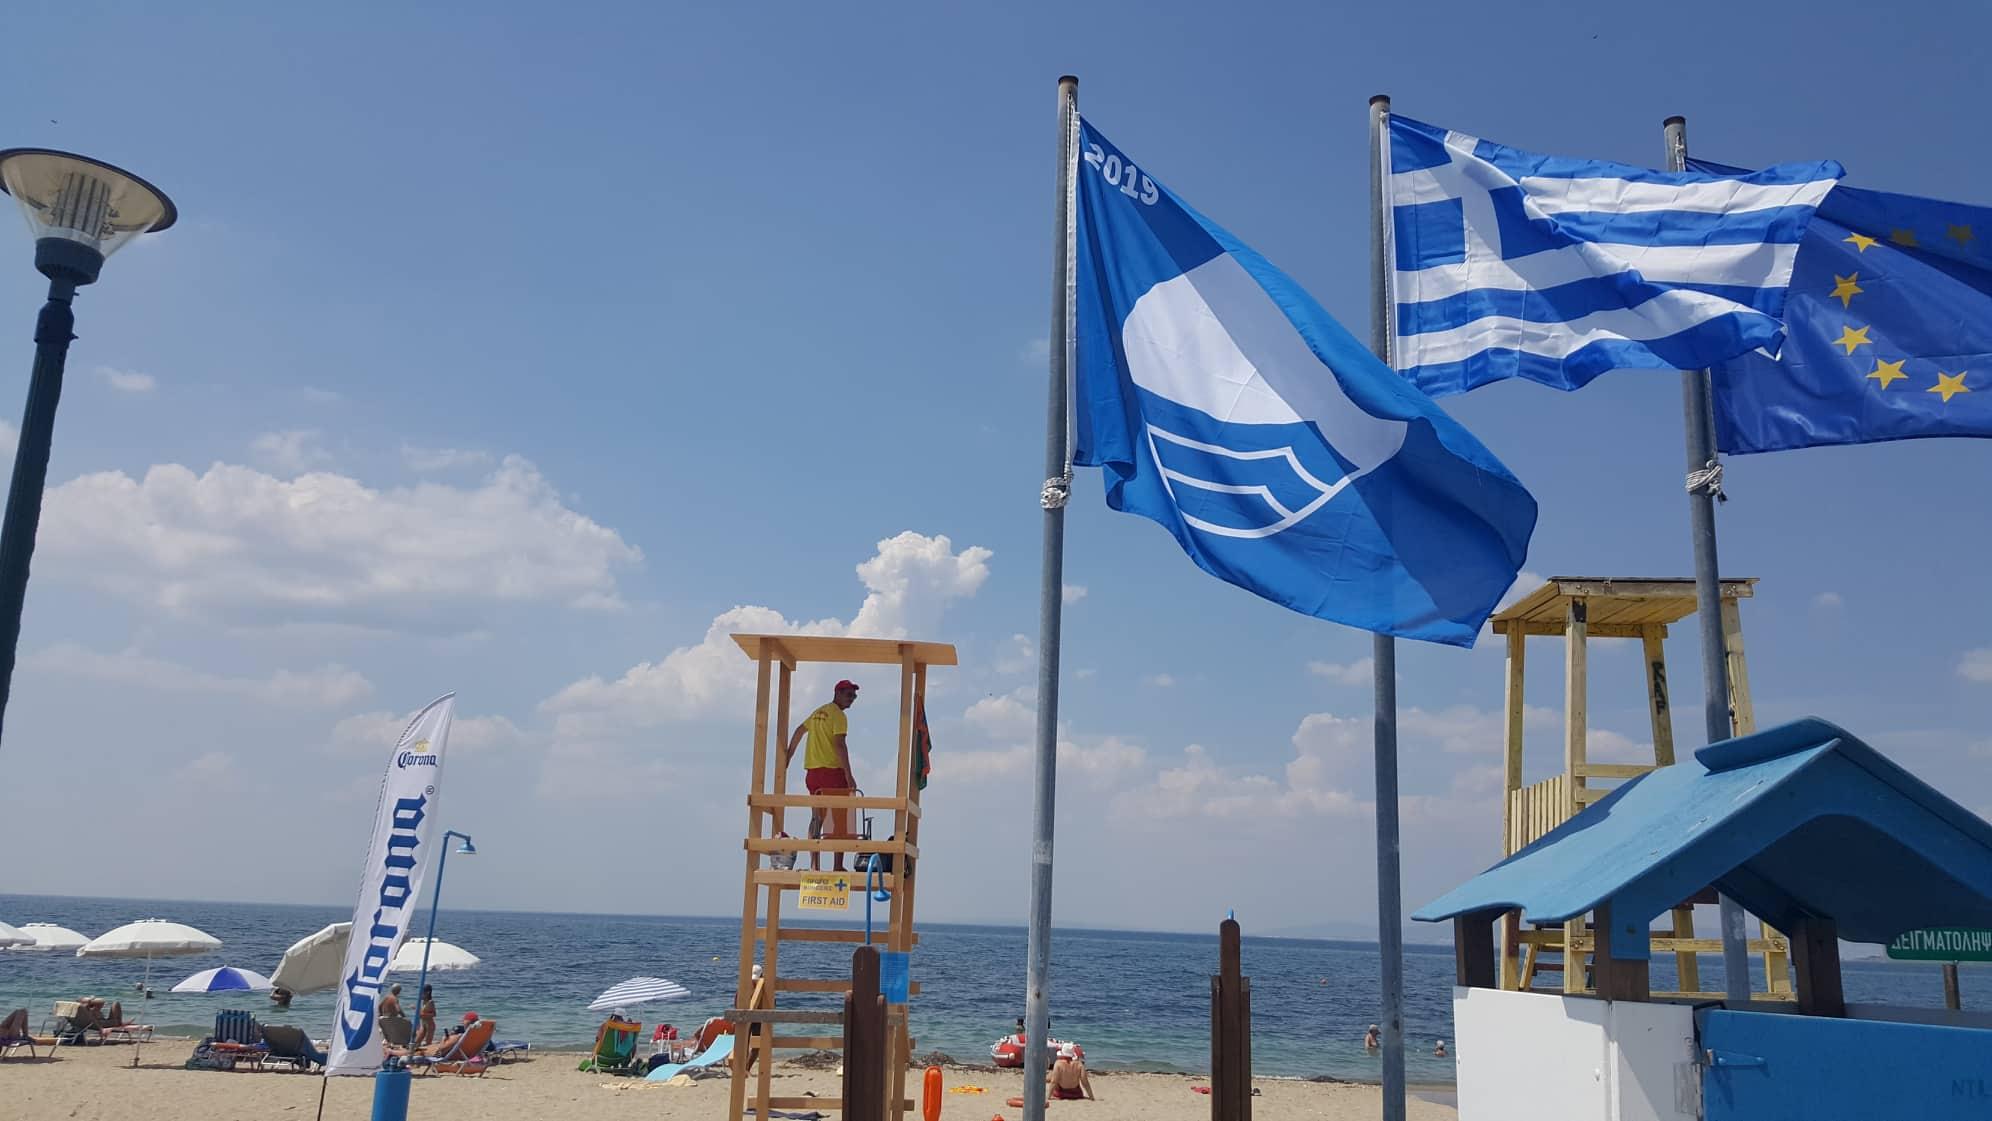 5 γαλάζιες σημαίες στον Δήμο Θερμαϊκού!